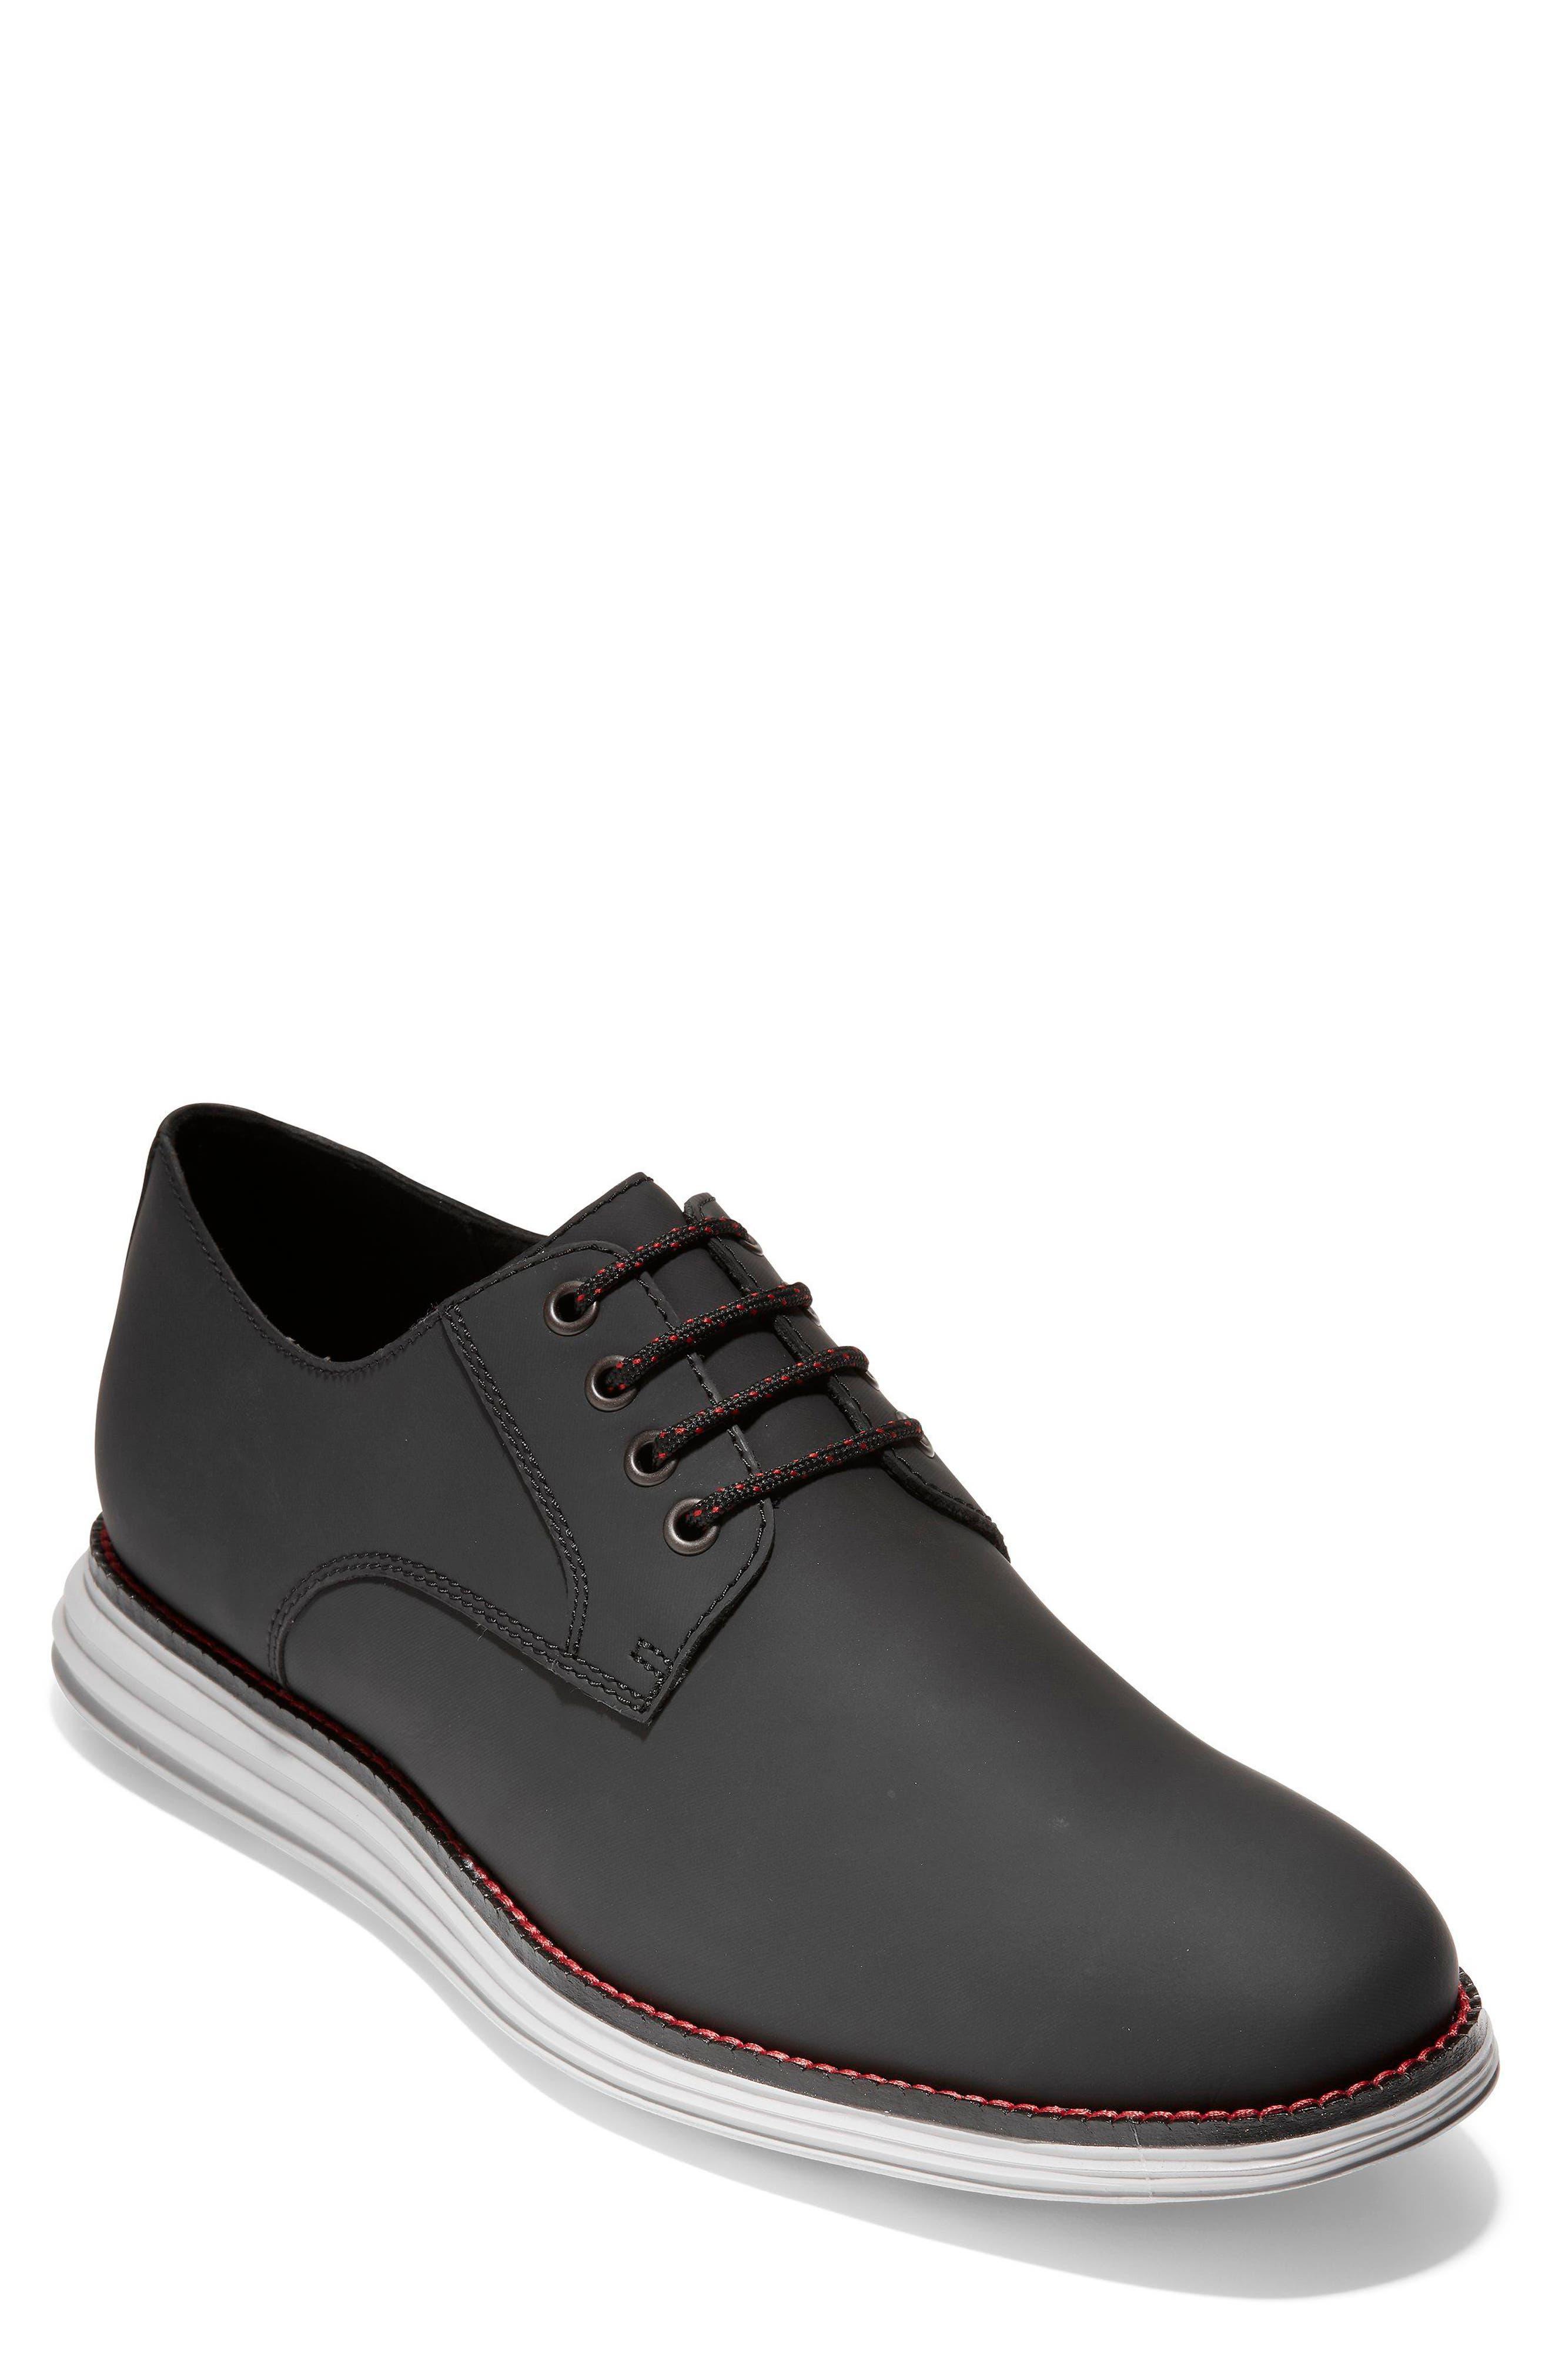 Original Grand Plain Toe Derby,                         Main,                         color, Black Matte Leather